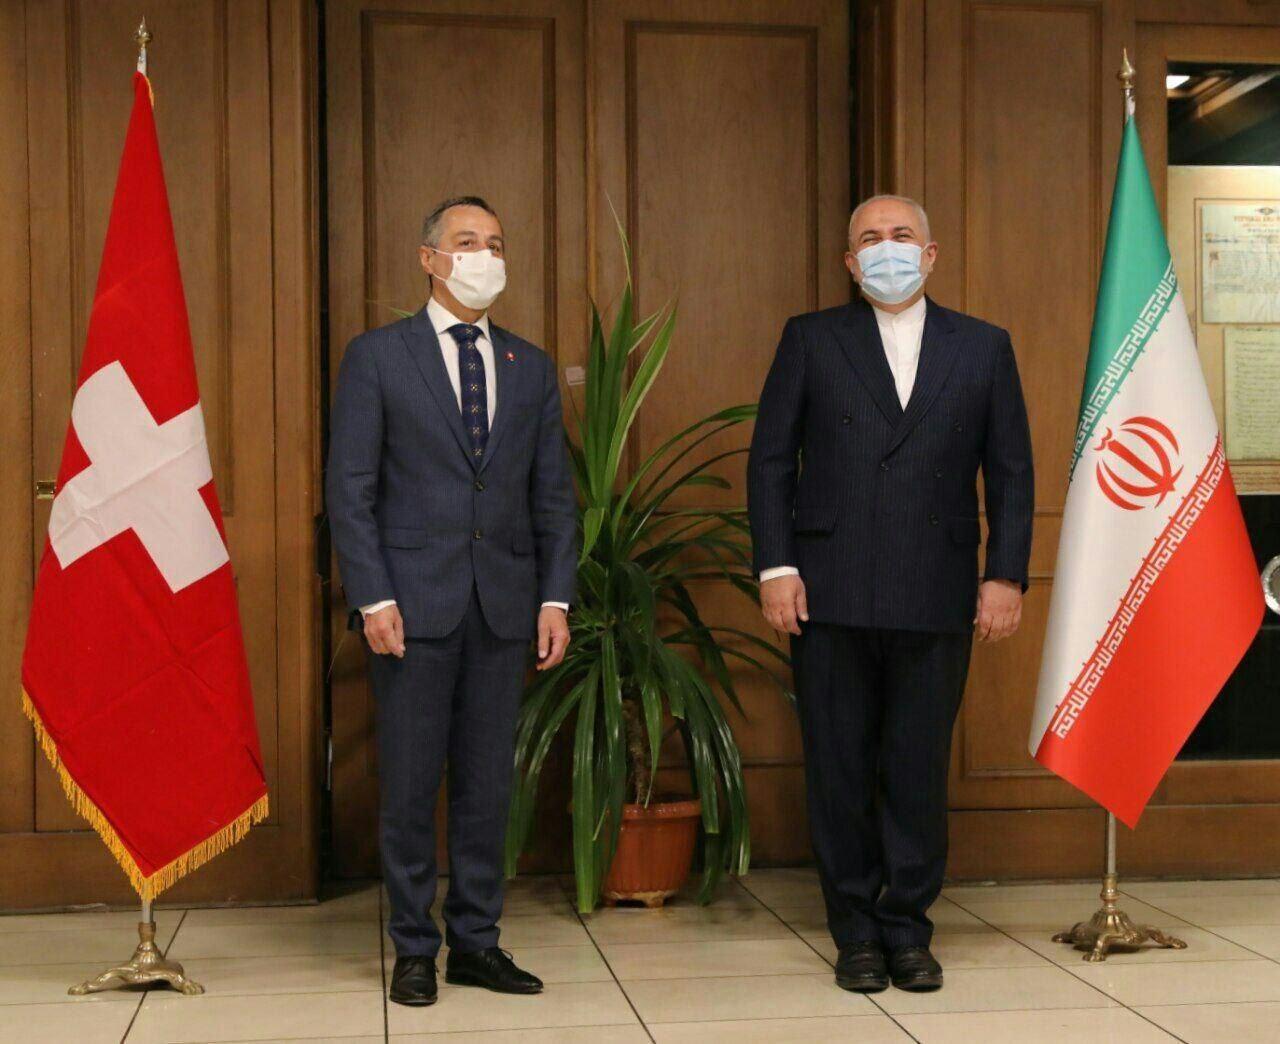 آغاز دور اول گفت وگو های محمد جواد ظریف و وزیر امور خارجه سوییس